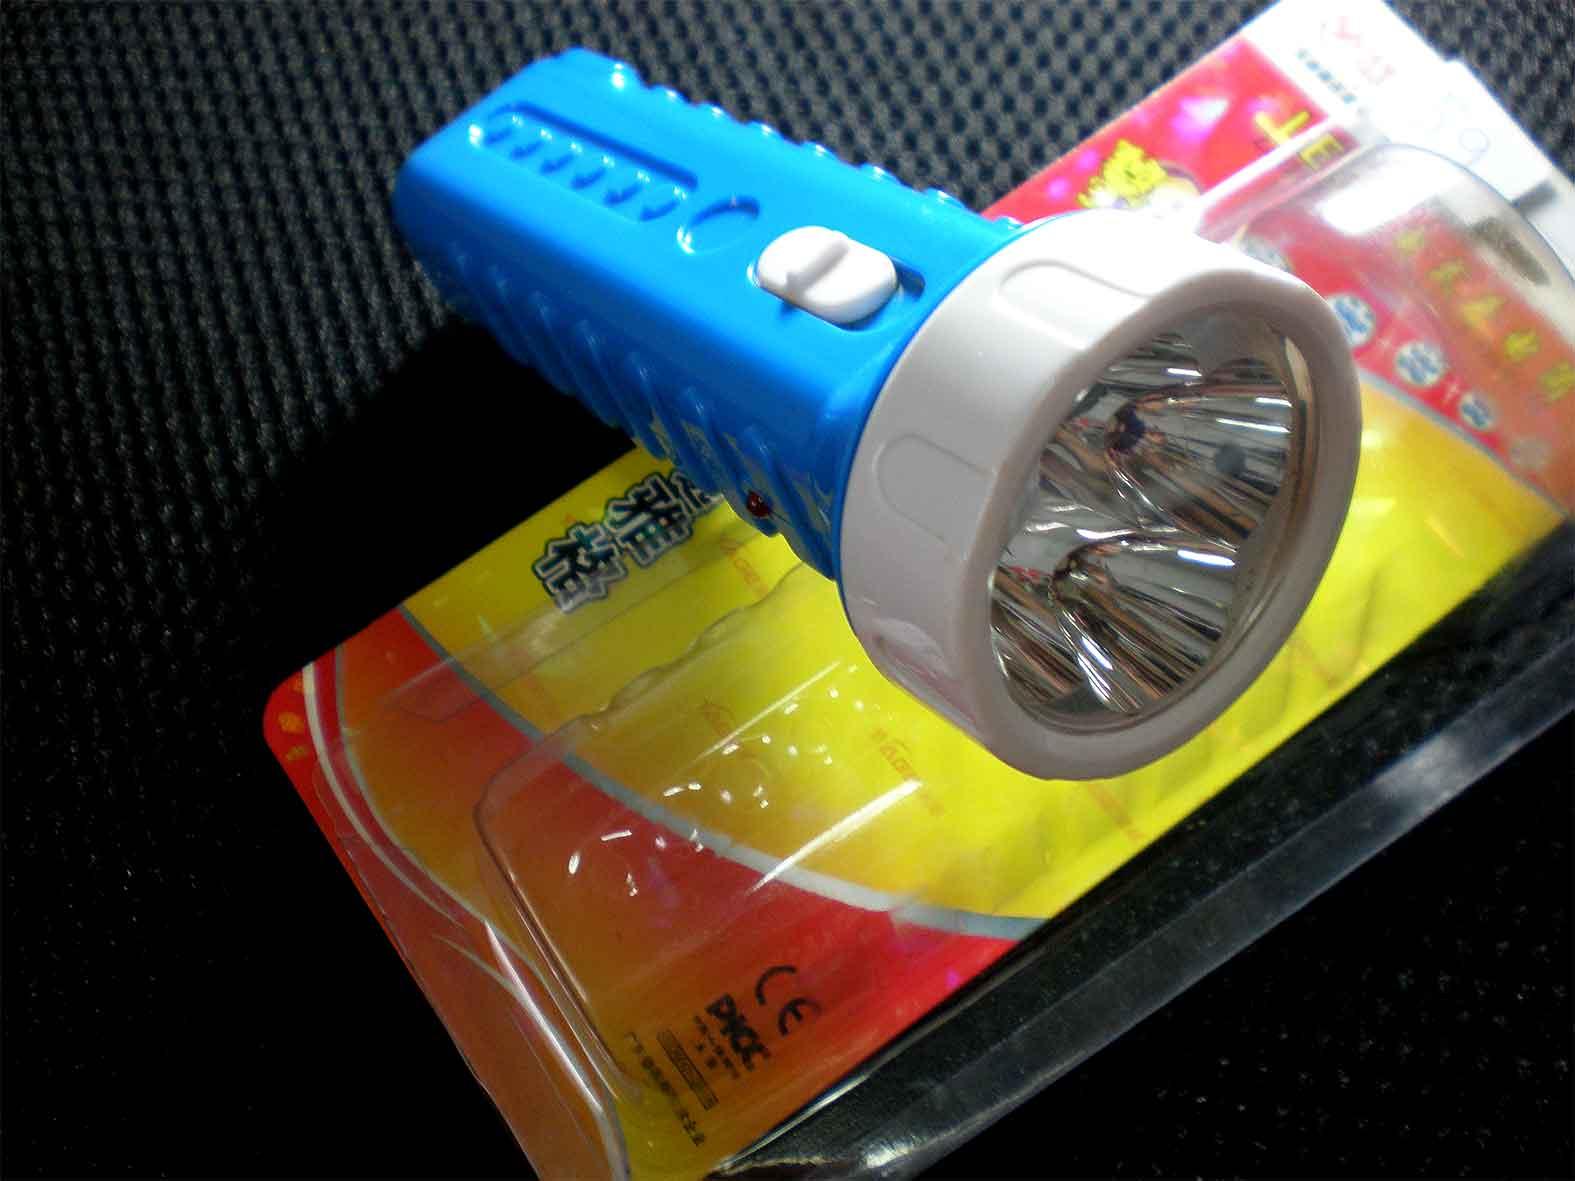 ไฟฉาย LED 4 ดวง ชาร์จไฟบ้านได้เปิดติดต่อ20ชม. YG3292